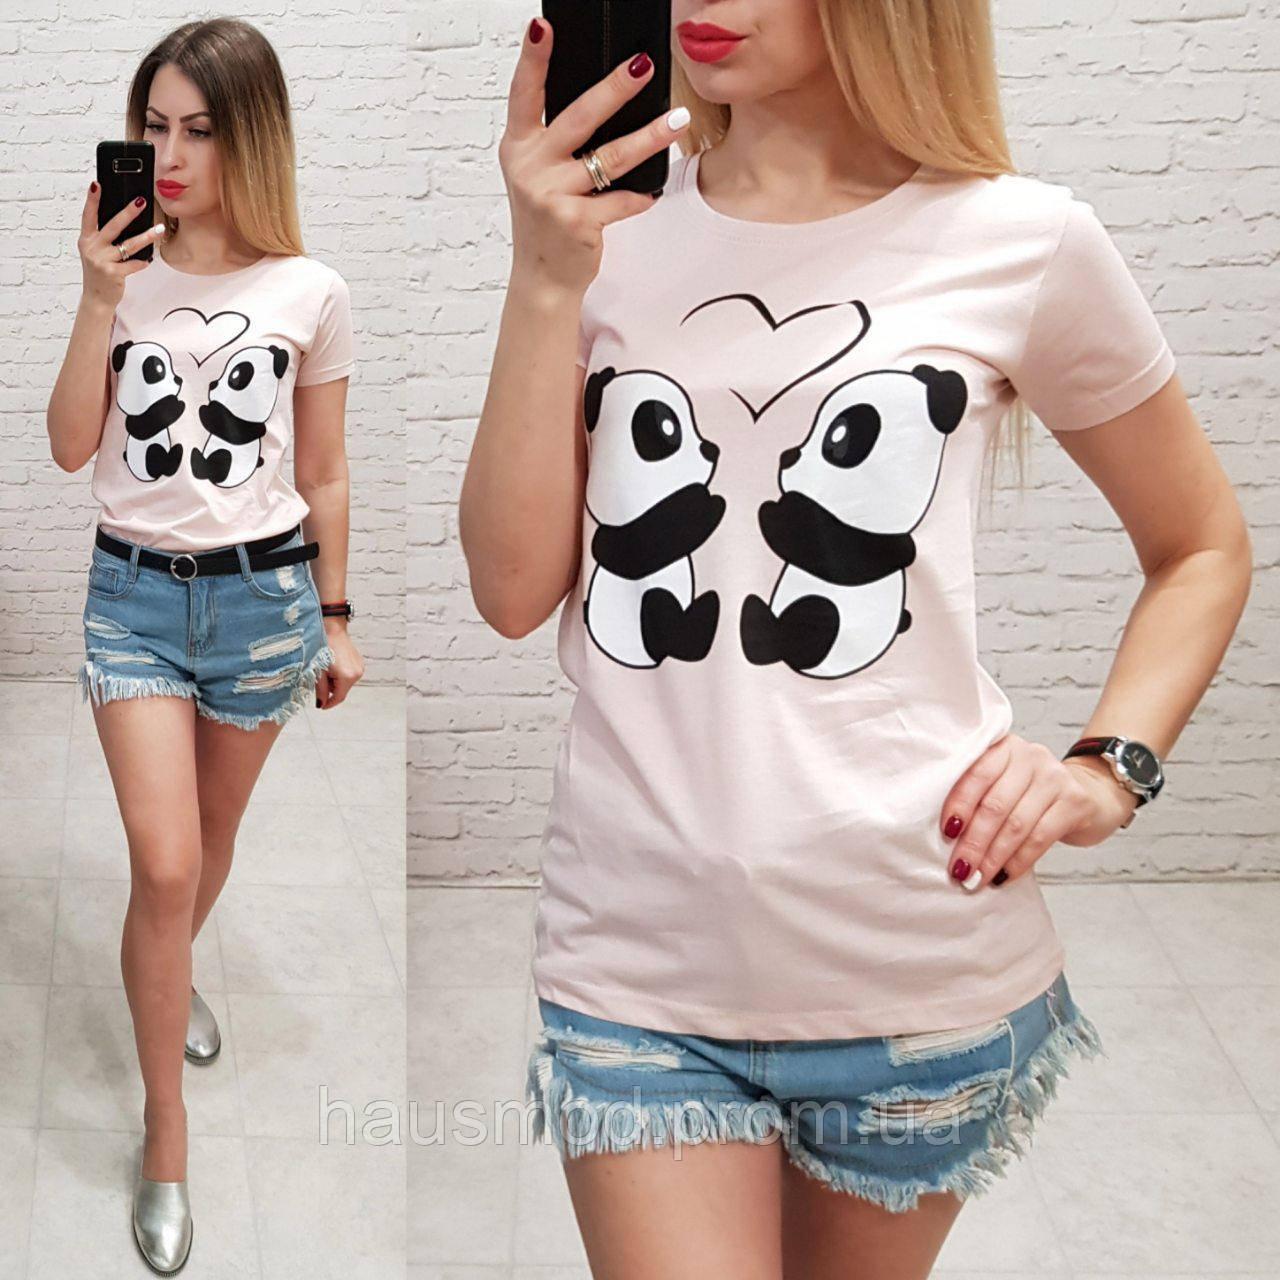 Женская футболка летняя рисунок пандочки 100% катон качество турция цвет пудра